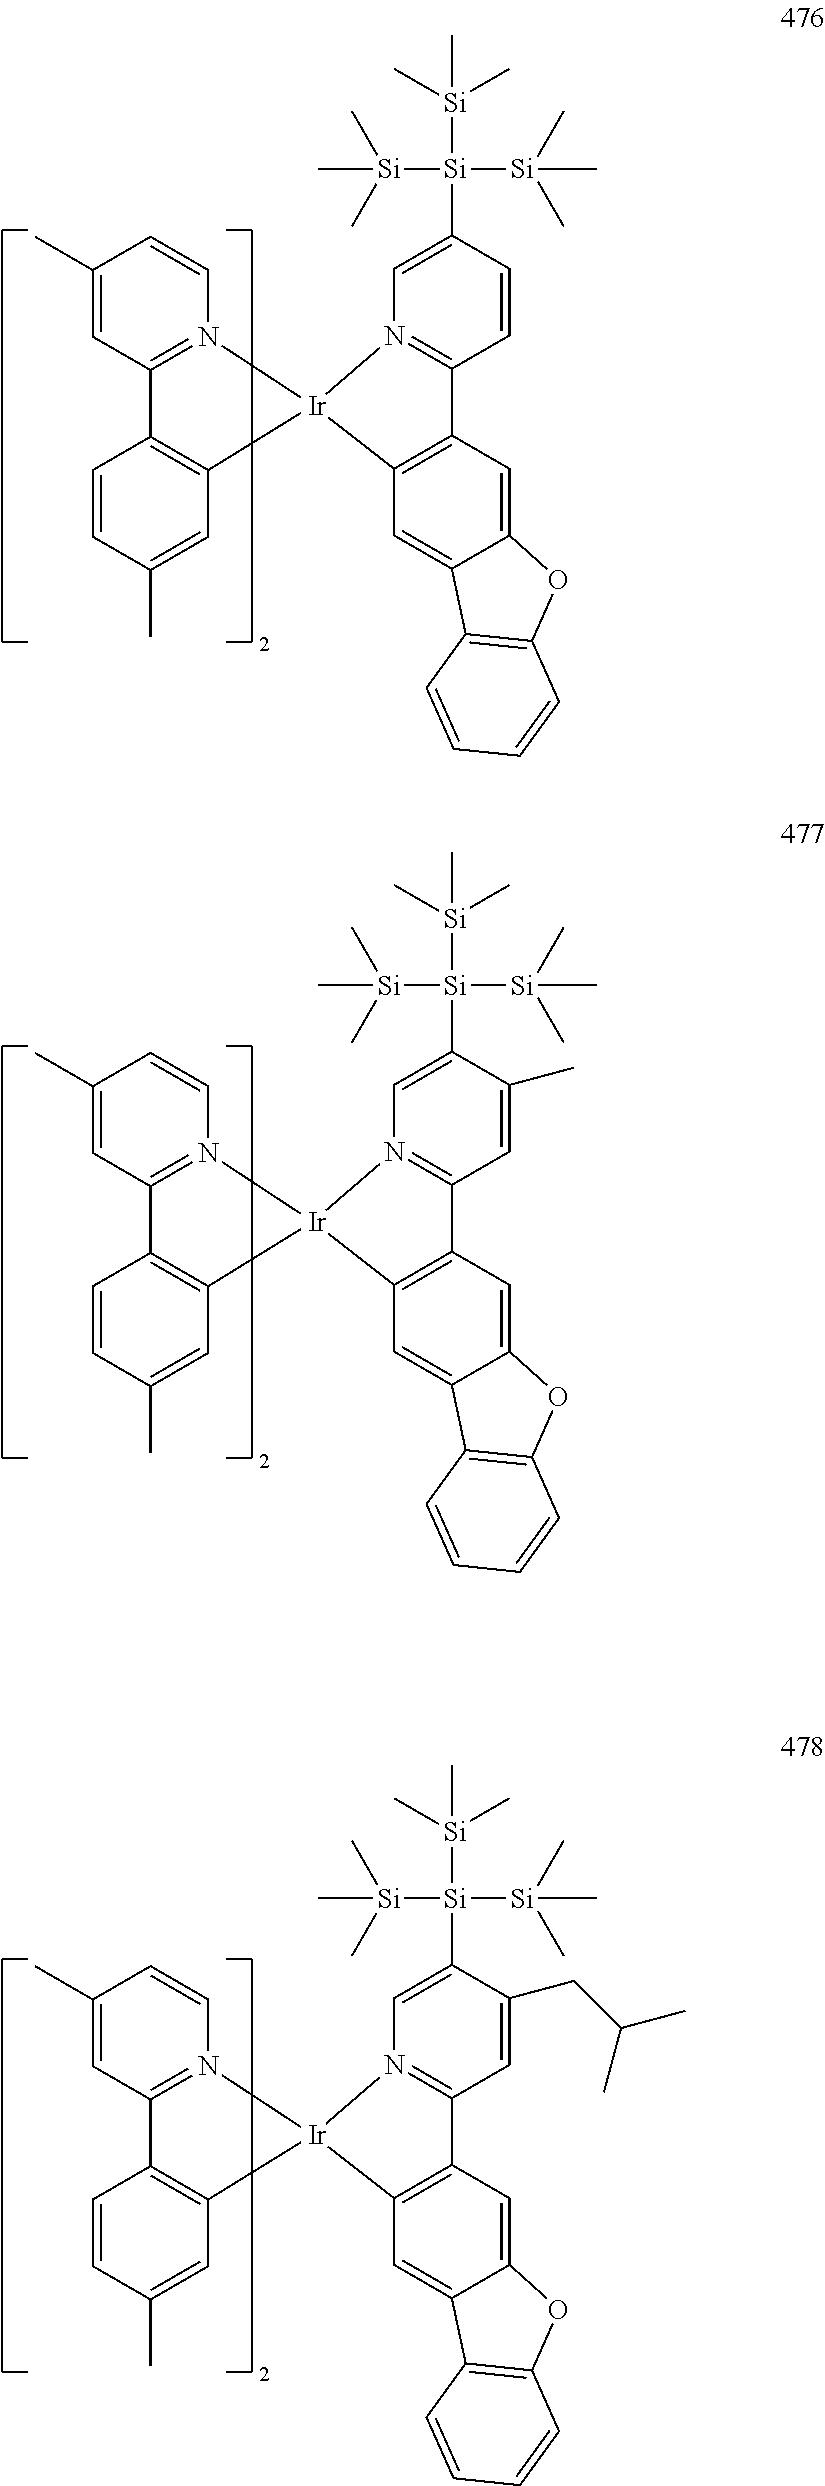 Figure US20160155962A1-20160602-C00458